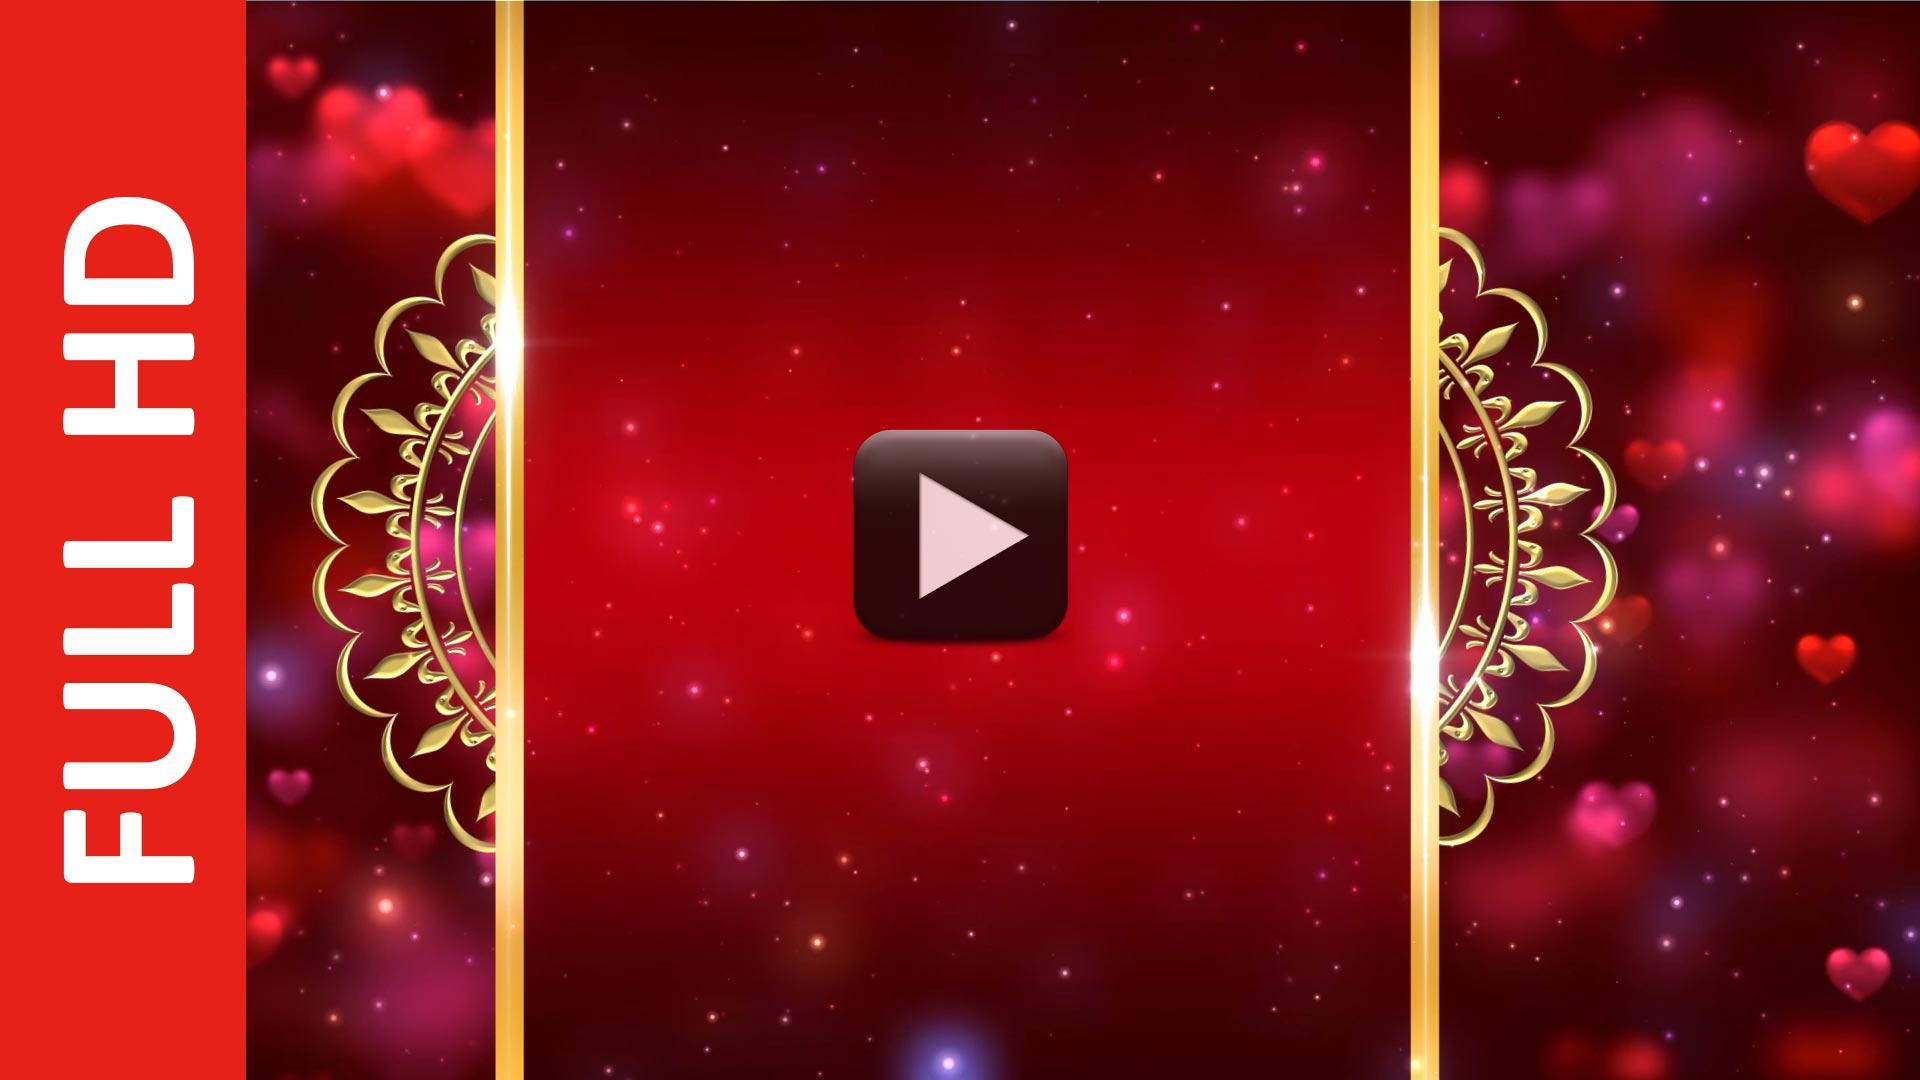 Download 500 Koleksi Background Hd Invitation HD Terbaik